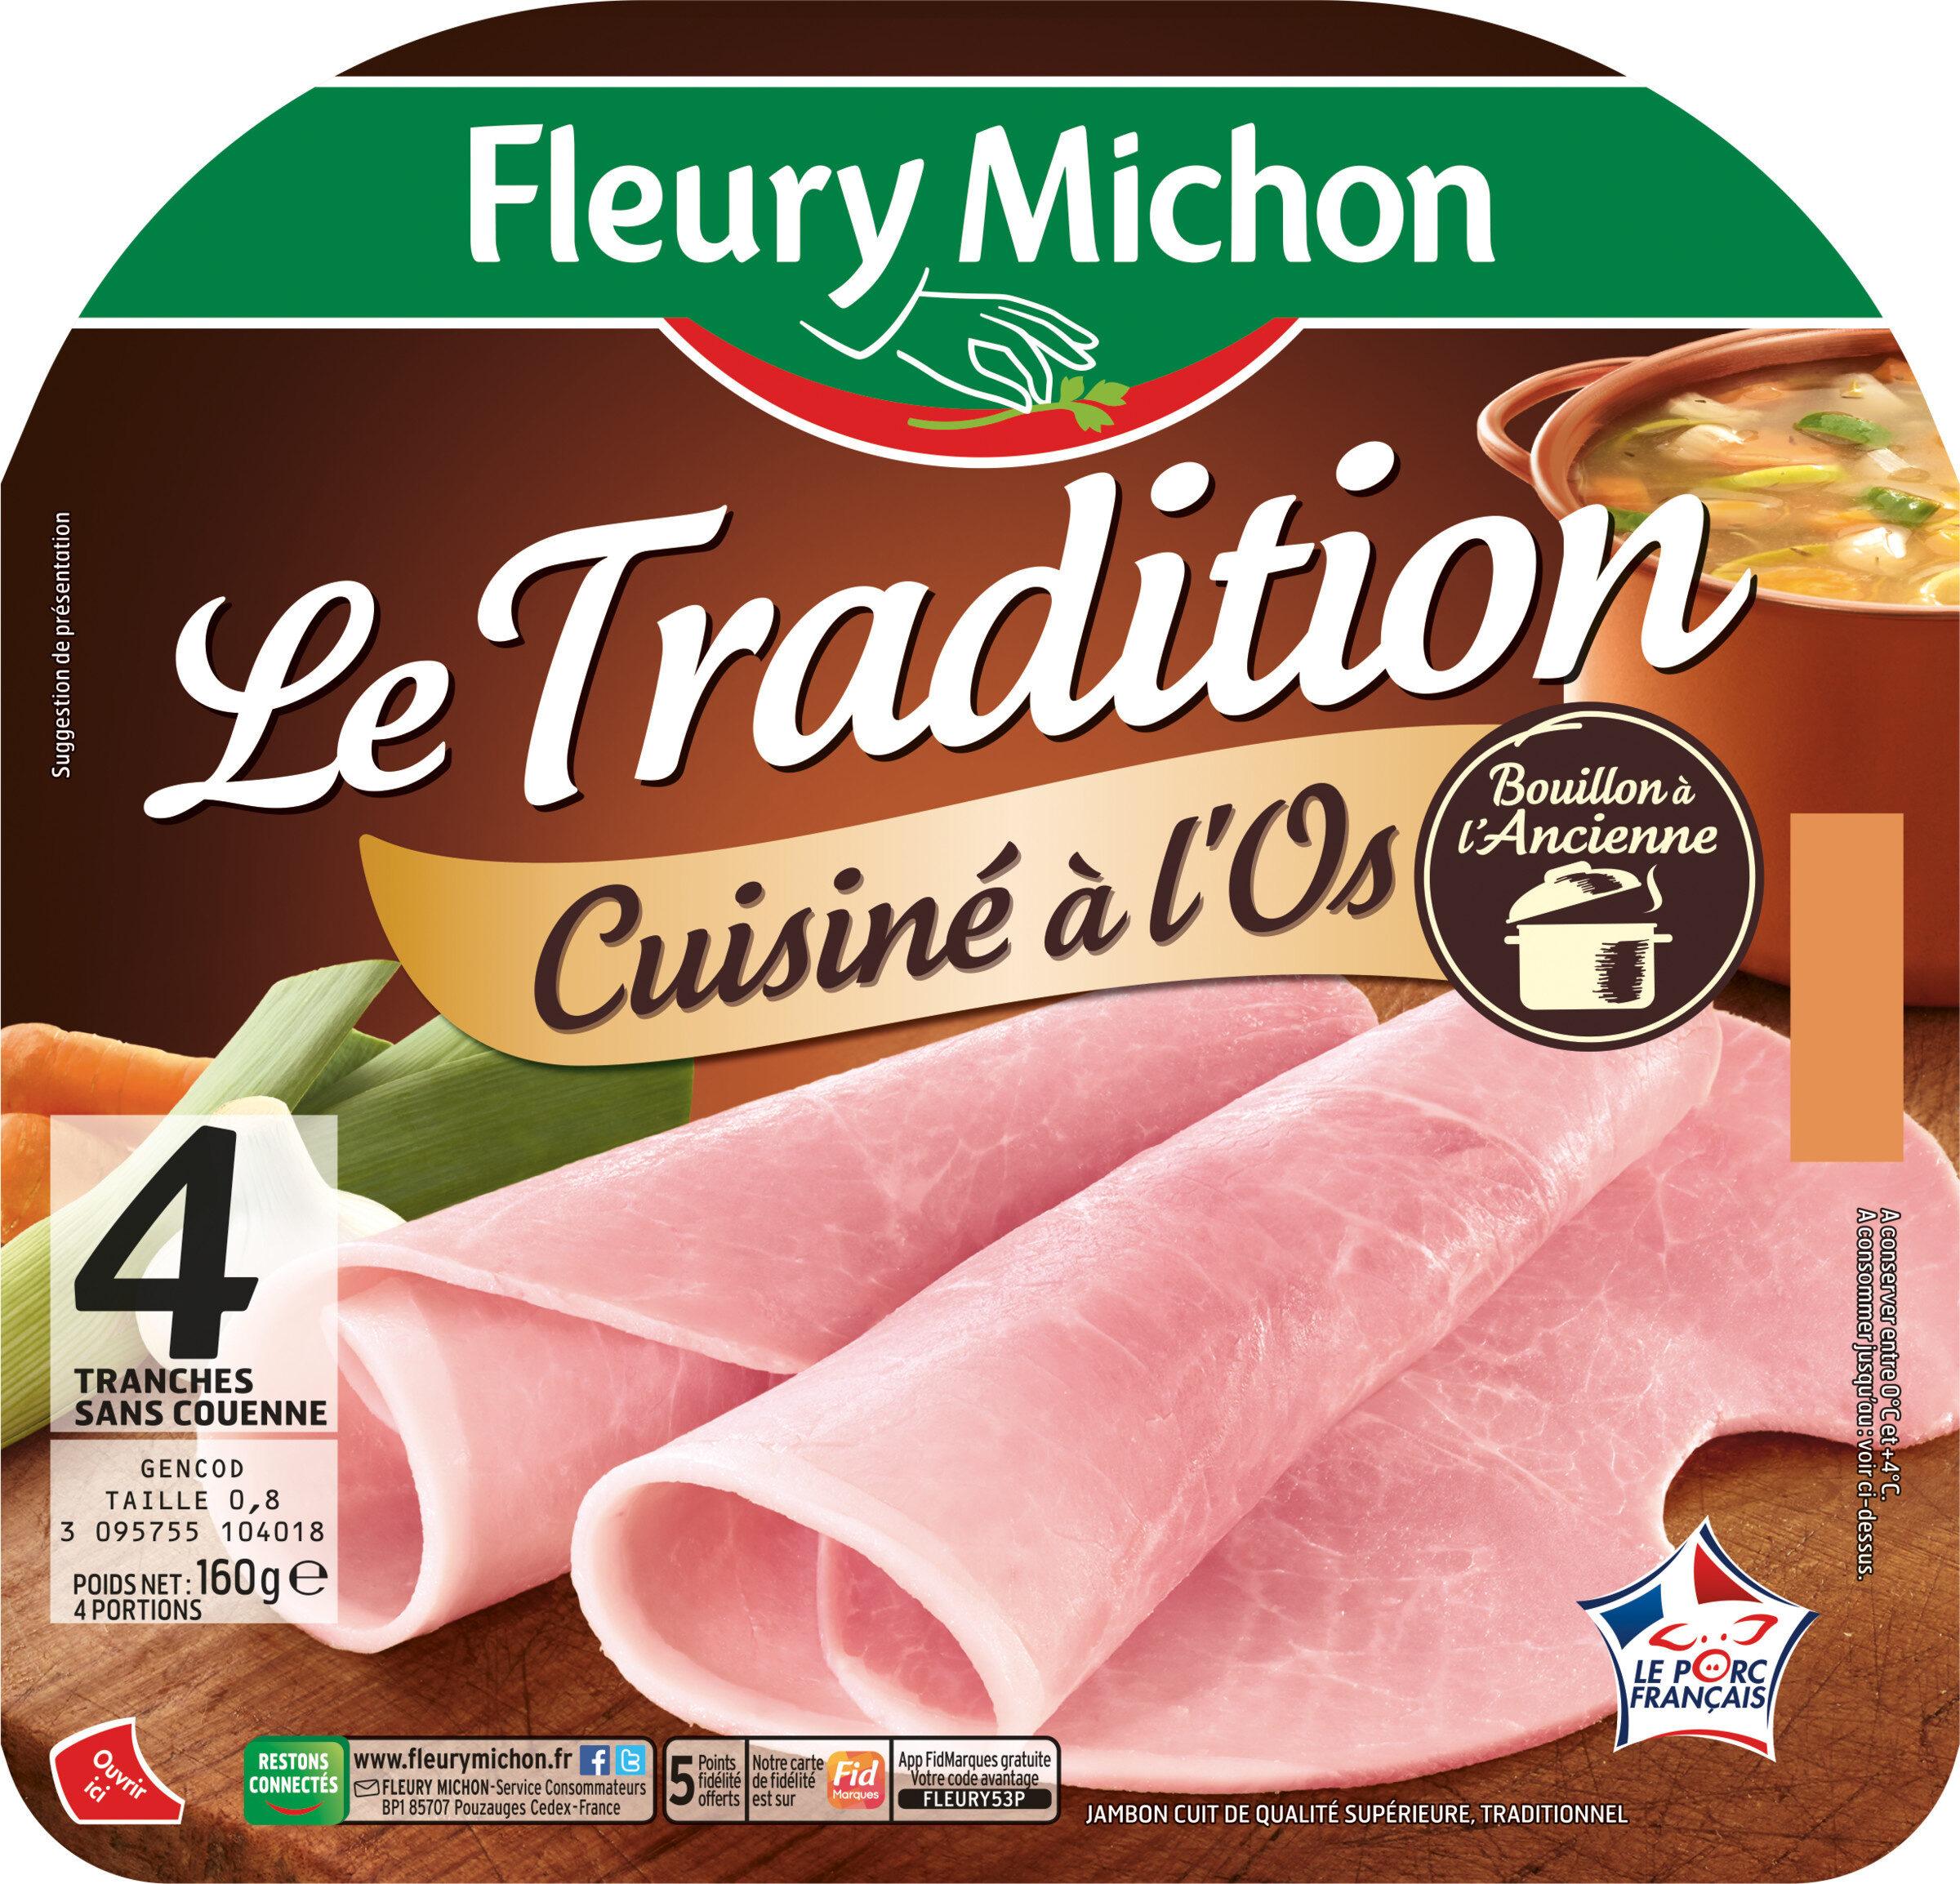 Le tradition cuisiné à l'os - 4 tr. - Product